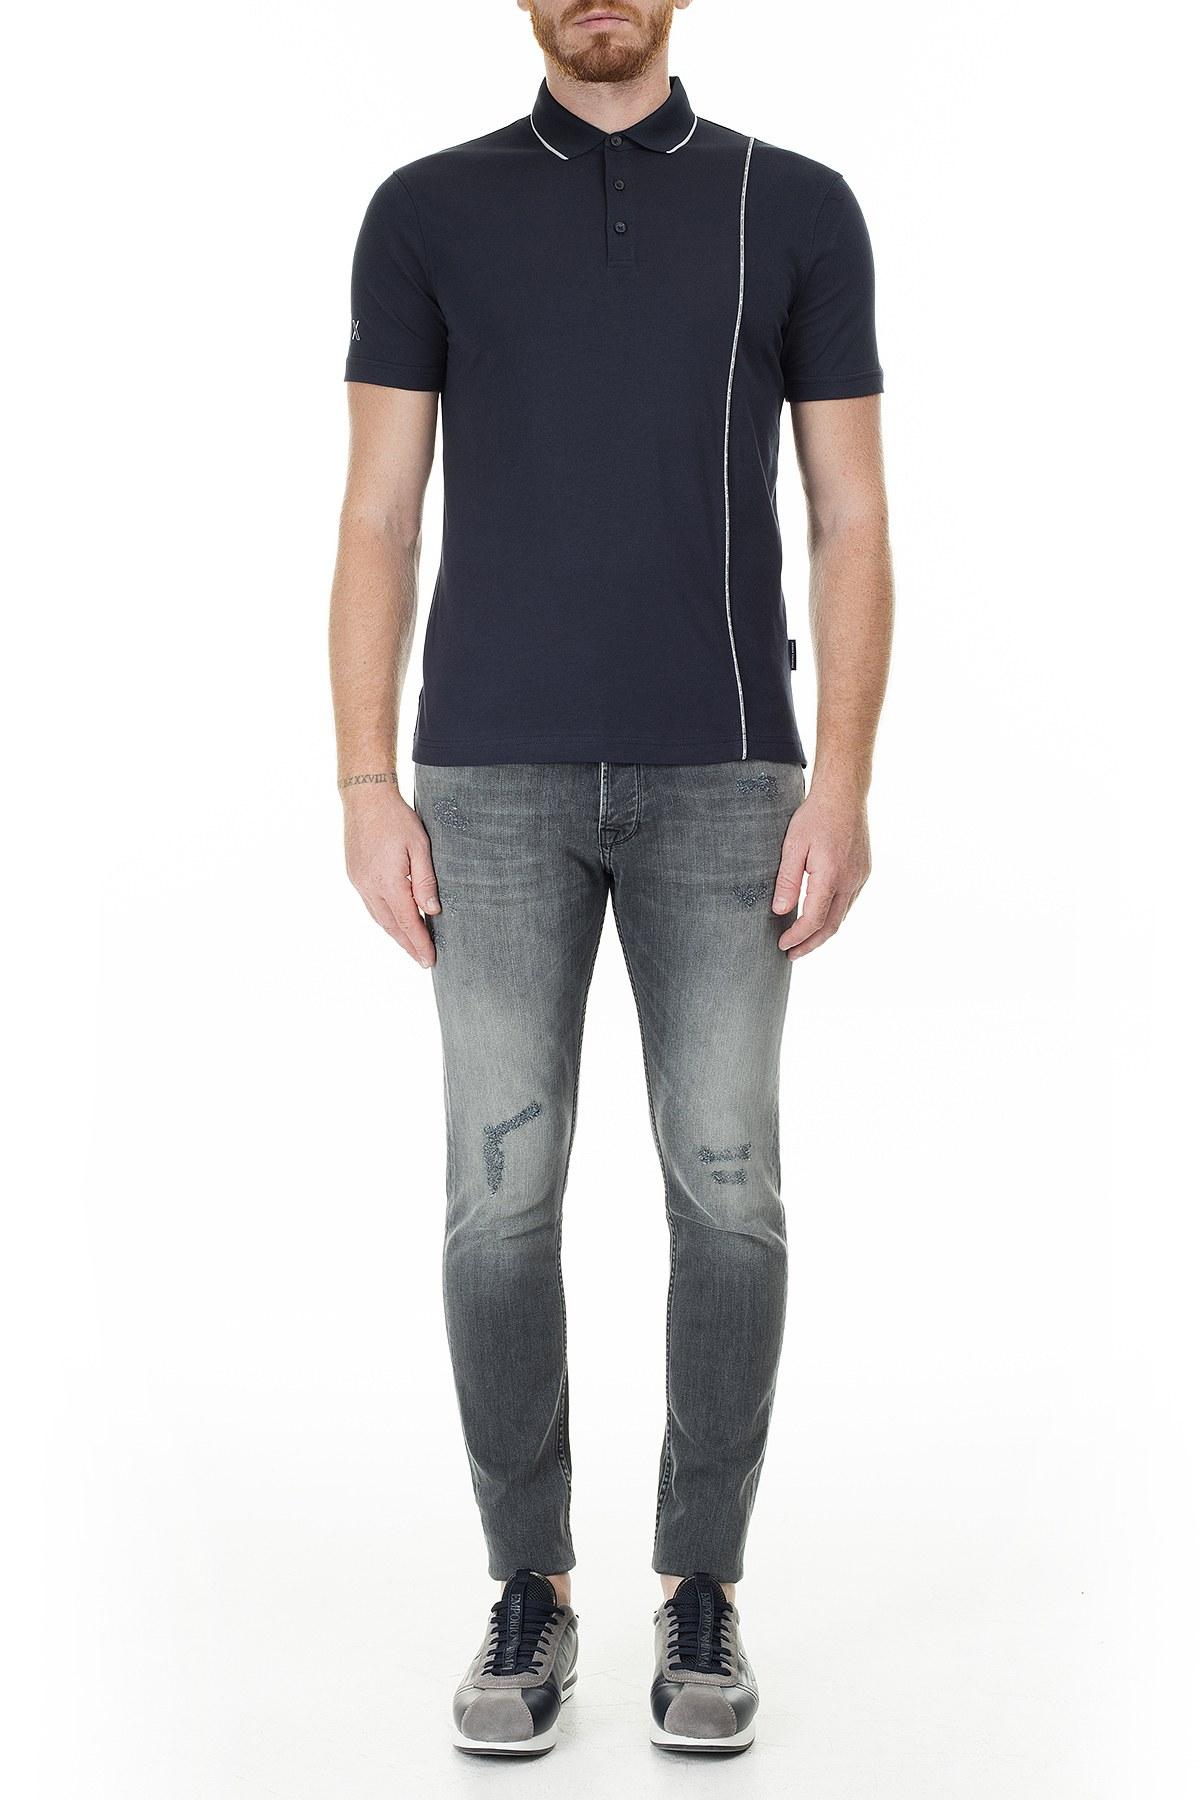 Armani Exchange Logo Baskılı Regular Fit Düğmeli T Shirt Erkek Polo 3HZFGA ZJH4Z 1510 LACİVERT